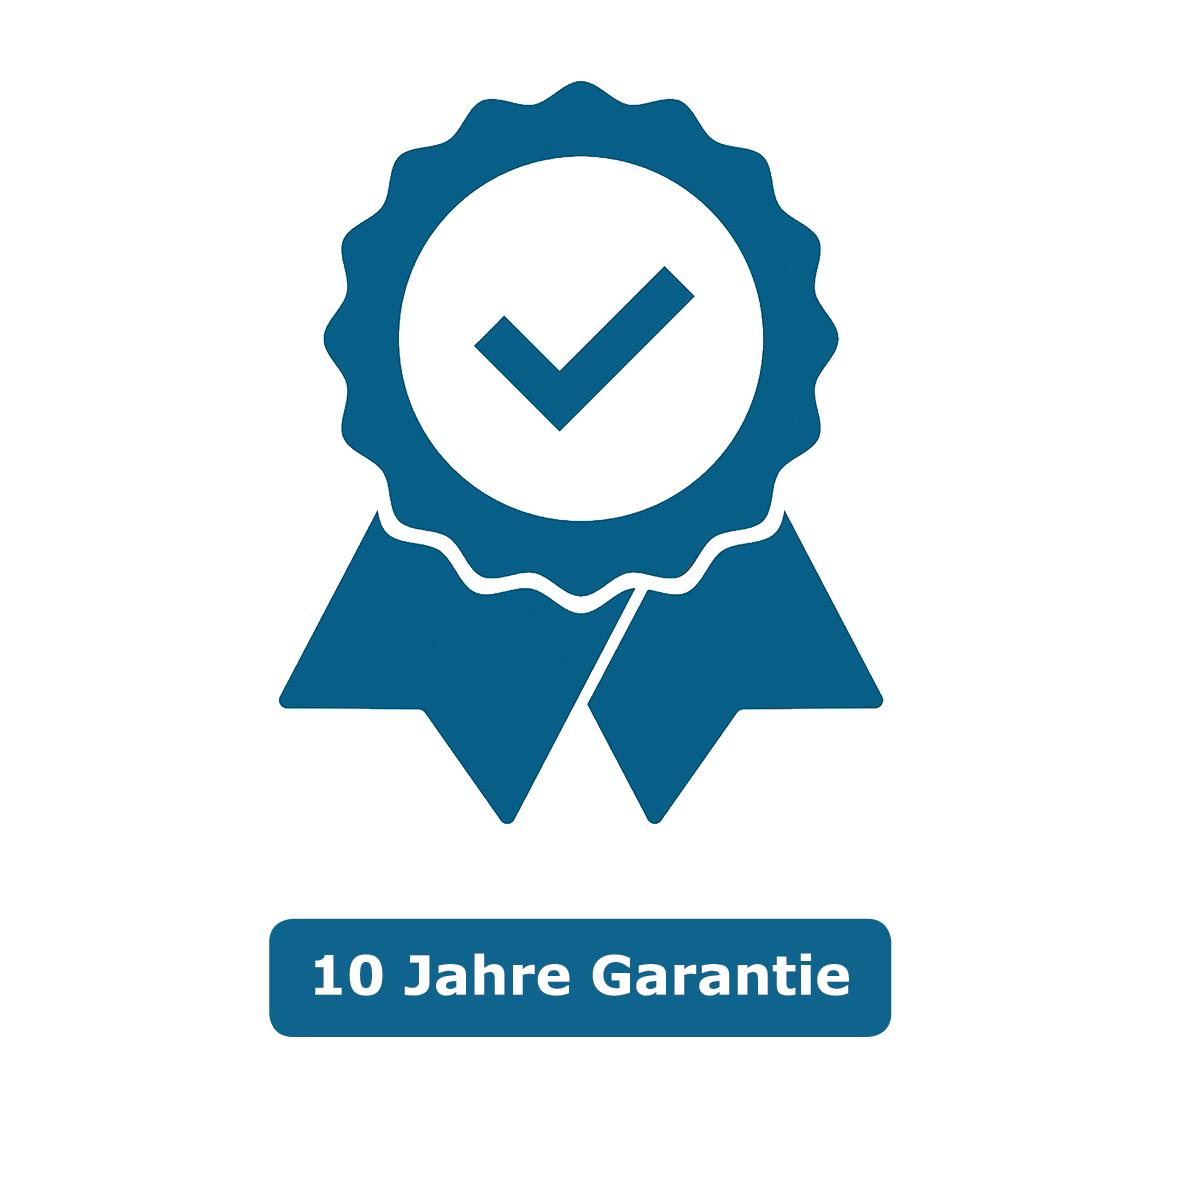 Das Symbol zeigt ein blaues Qualitätssiegel mit einem blauen Hacken in der Mitte. Das Symbol steht für 10 Jahr Garantie